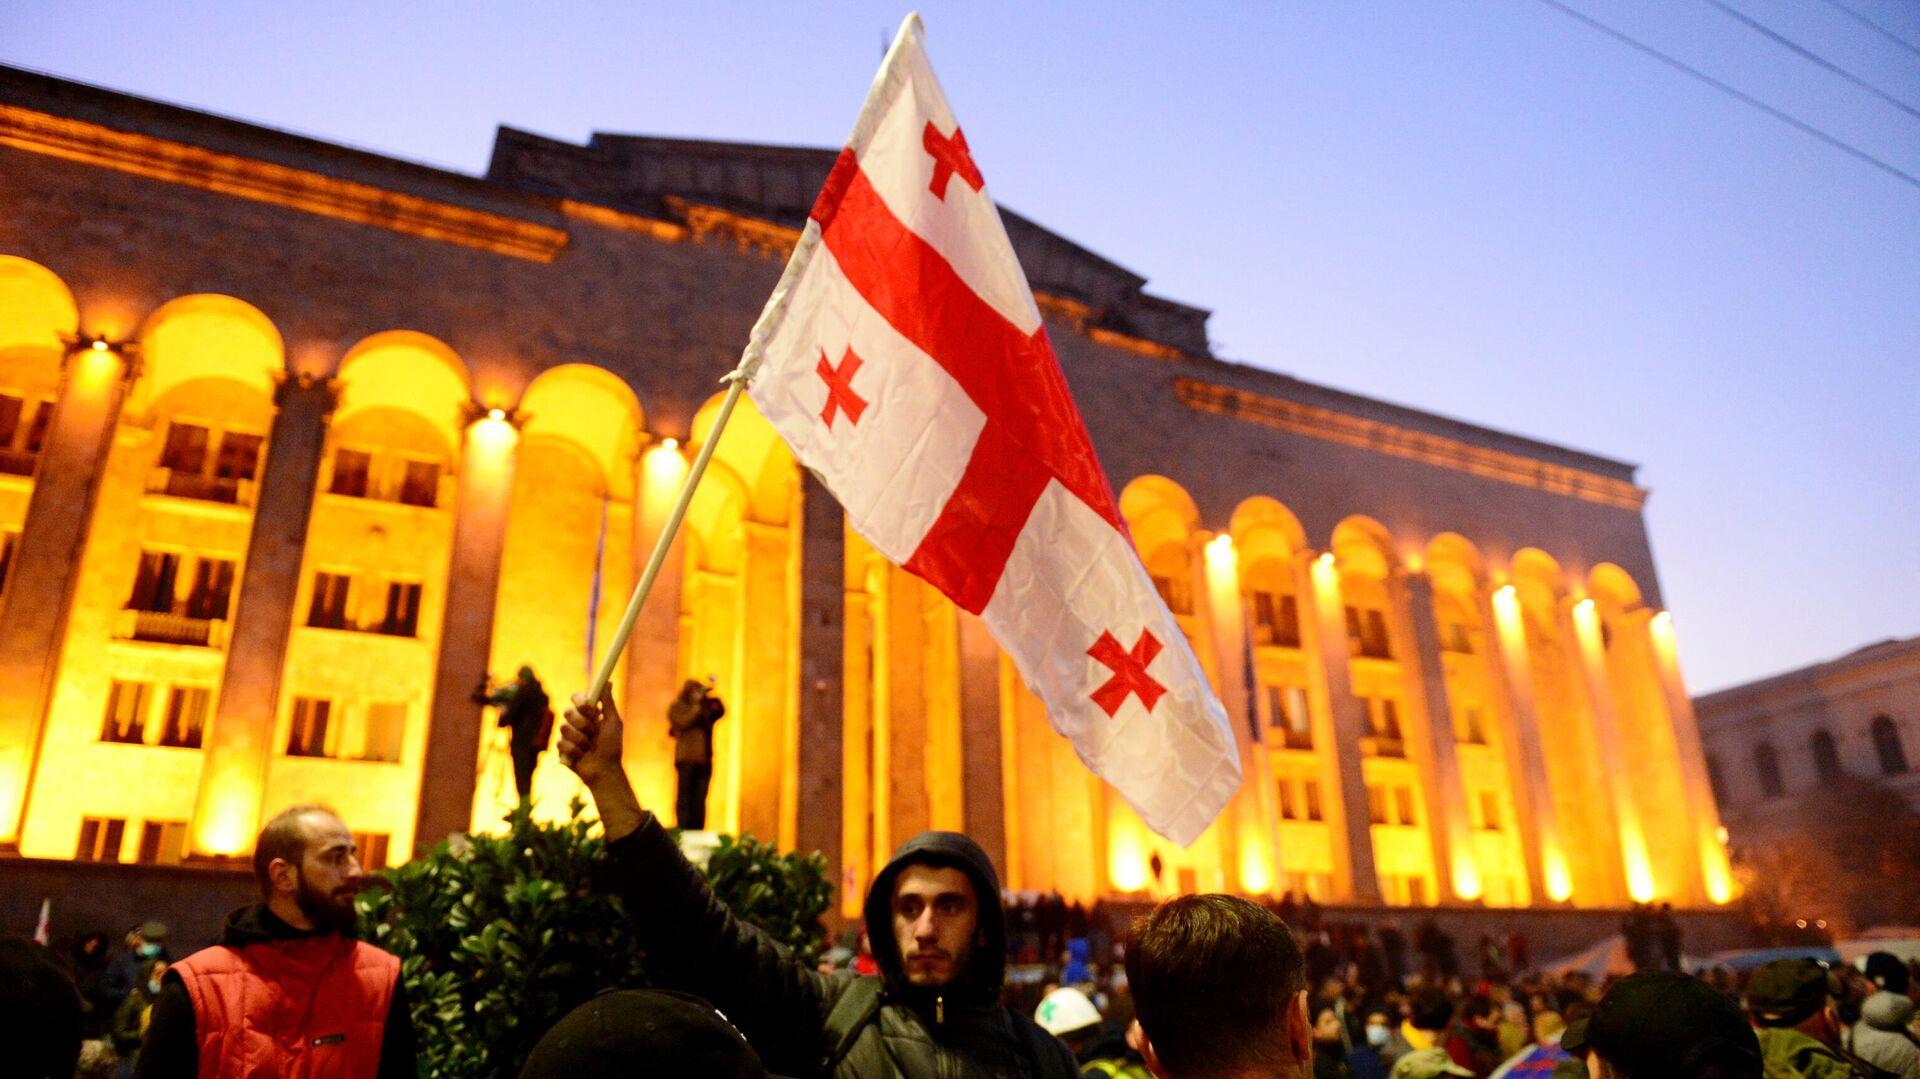 Участники акции протеста у здания парламента Грузии в Тбилиси - РИА Новости, 1920, 01.01.2021